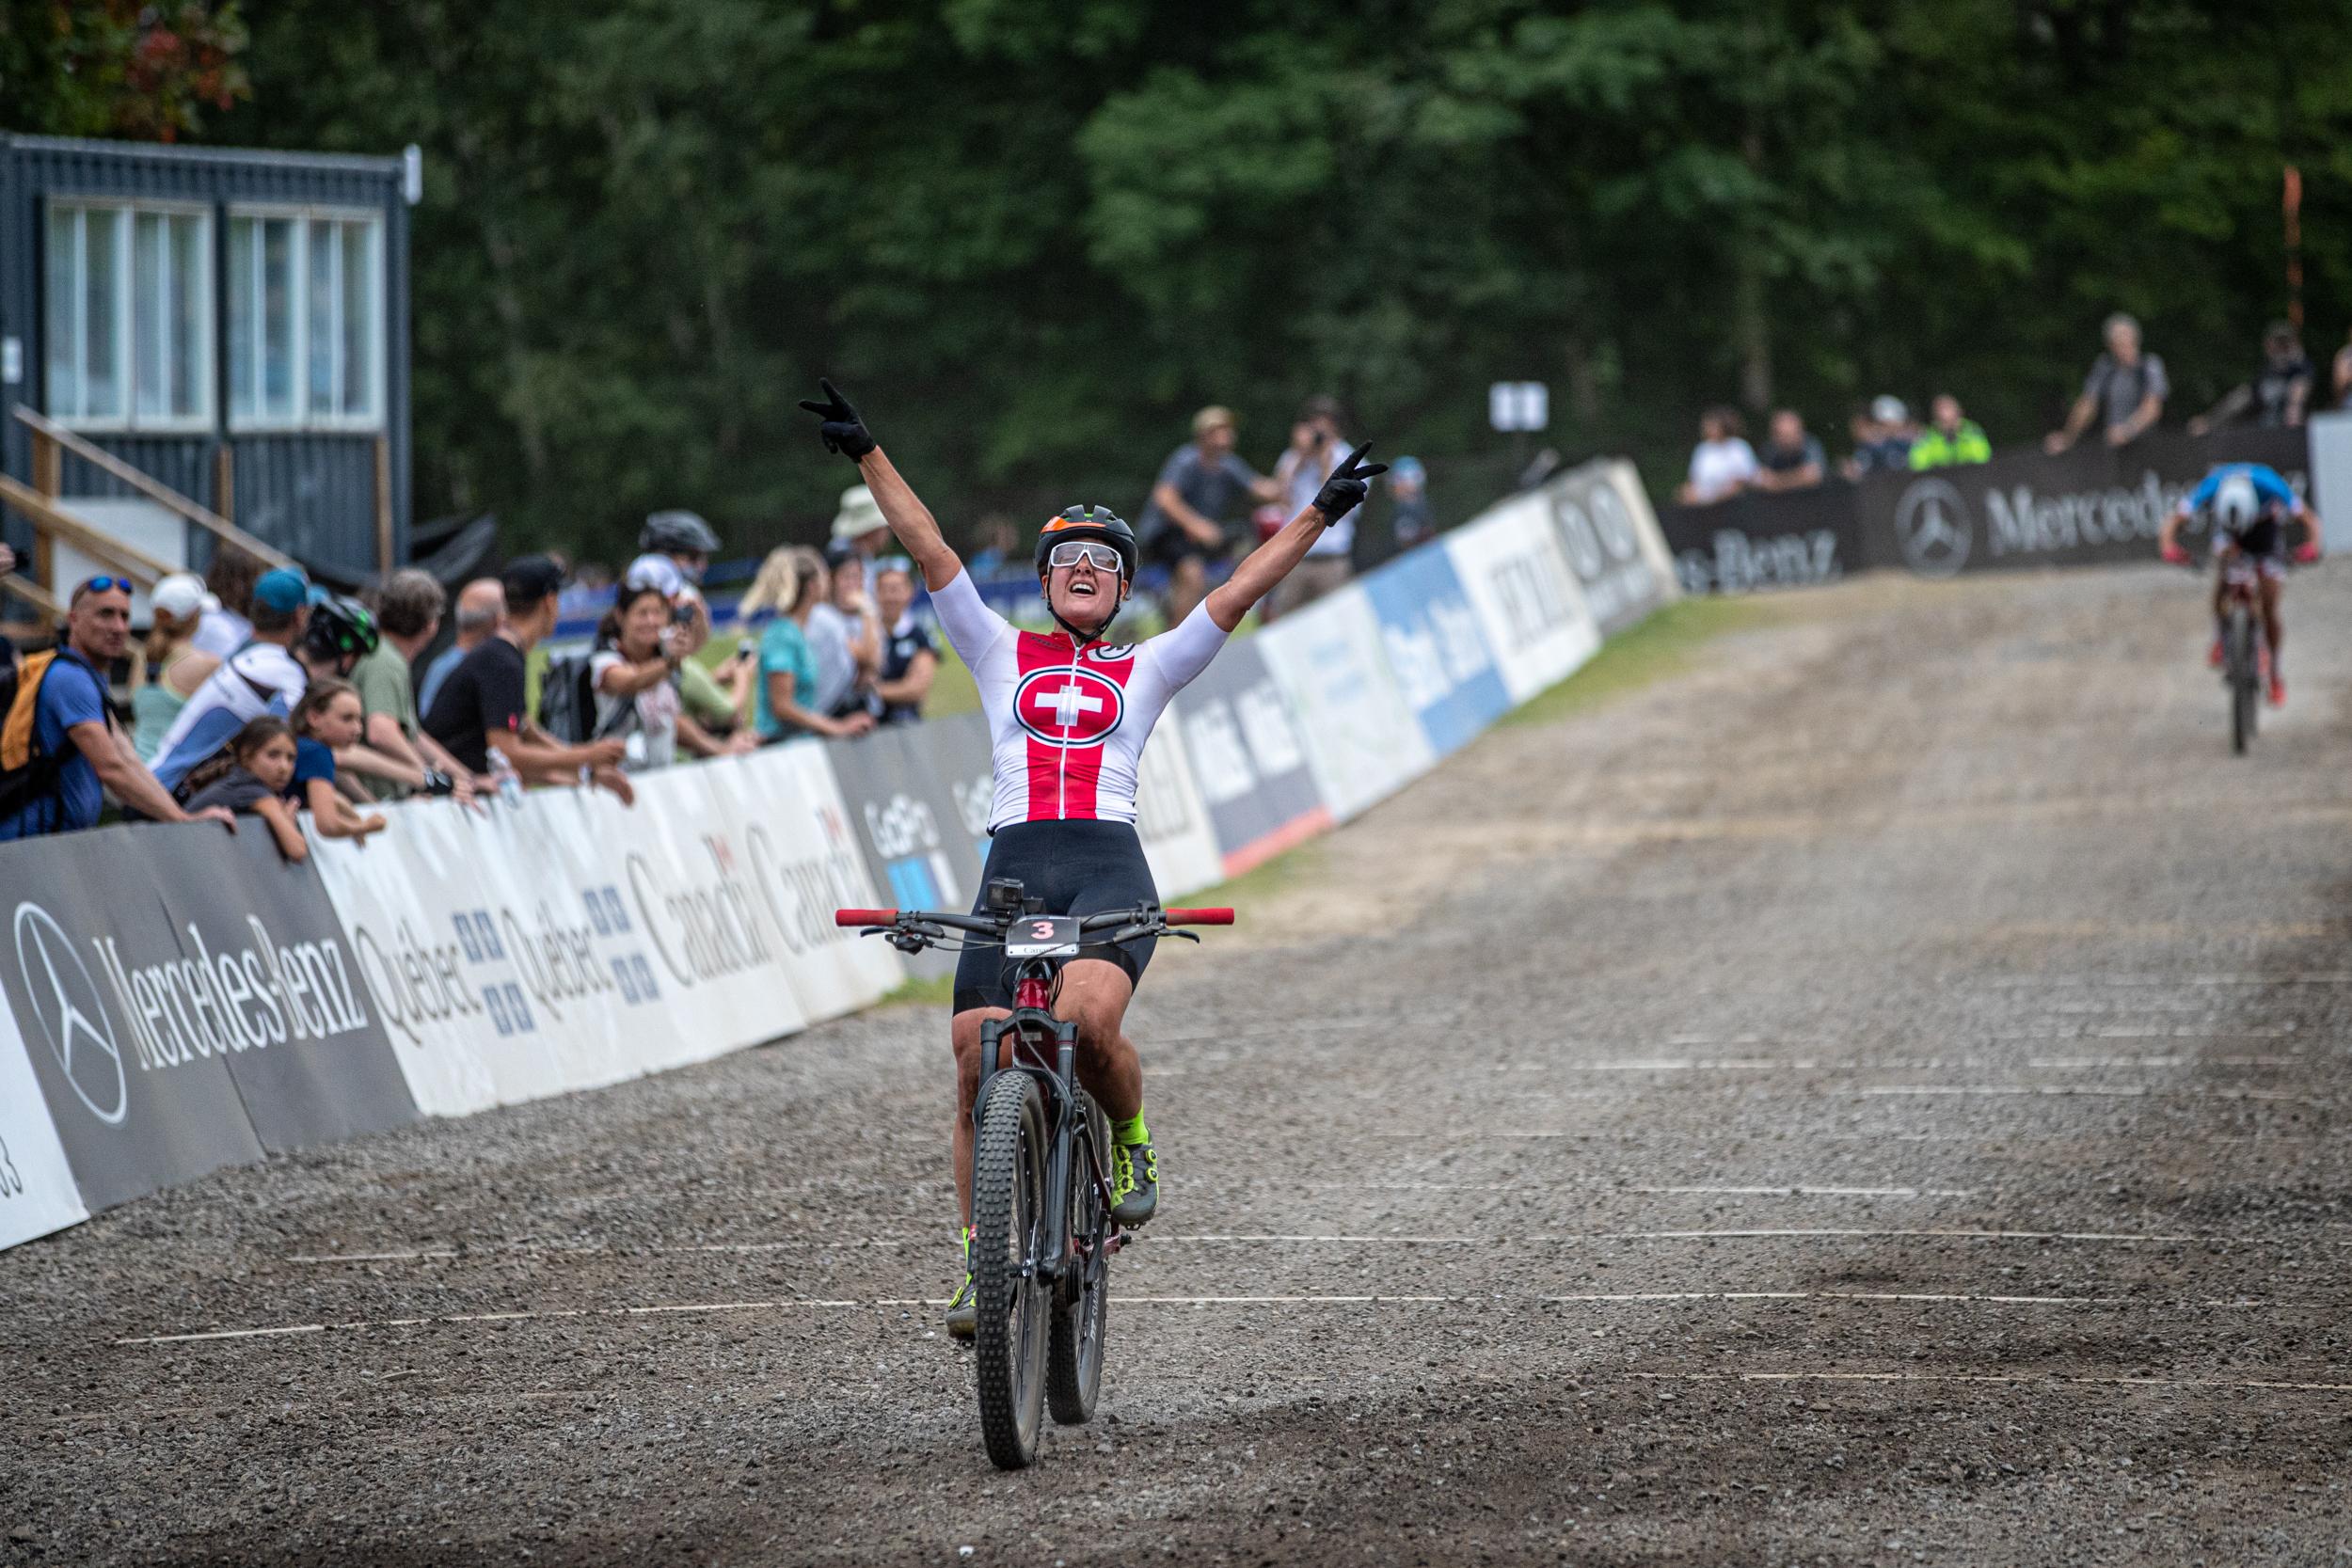 Nathalie Schneitter ist die Siegerin an der E-Bike Weltmeisterschaft Mont-Sainte-Anne Kanada, E-Mountainbike